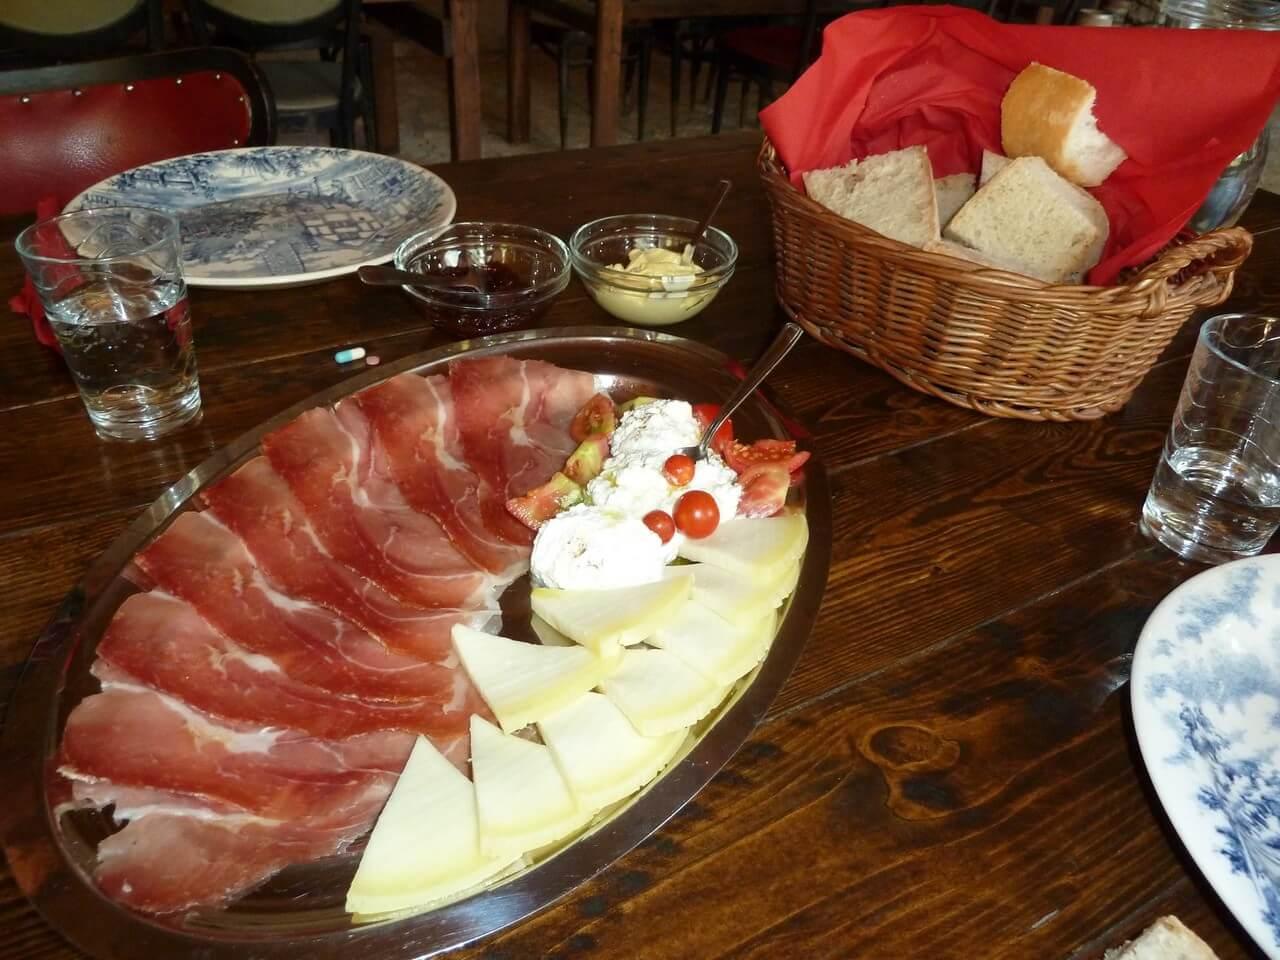 Prsut de Dalmatie sir fromage et basa à l'agrotourisme Kalpic à Radonic